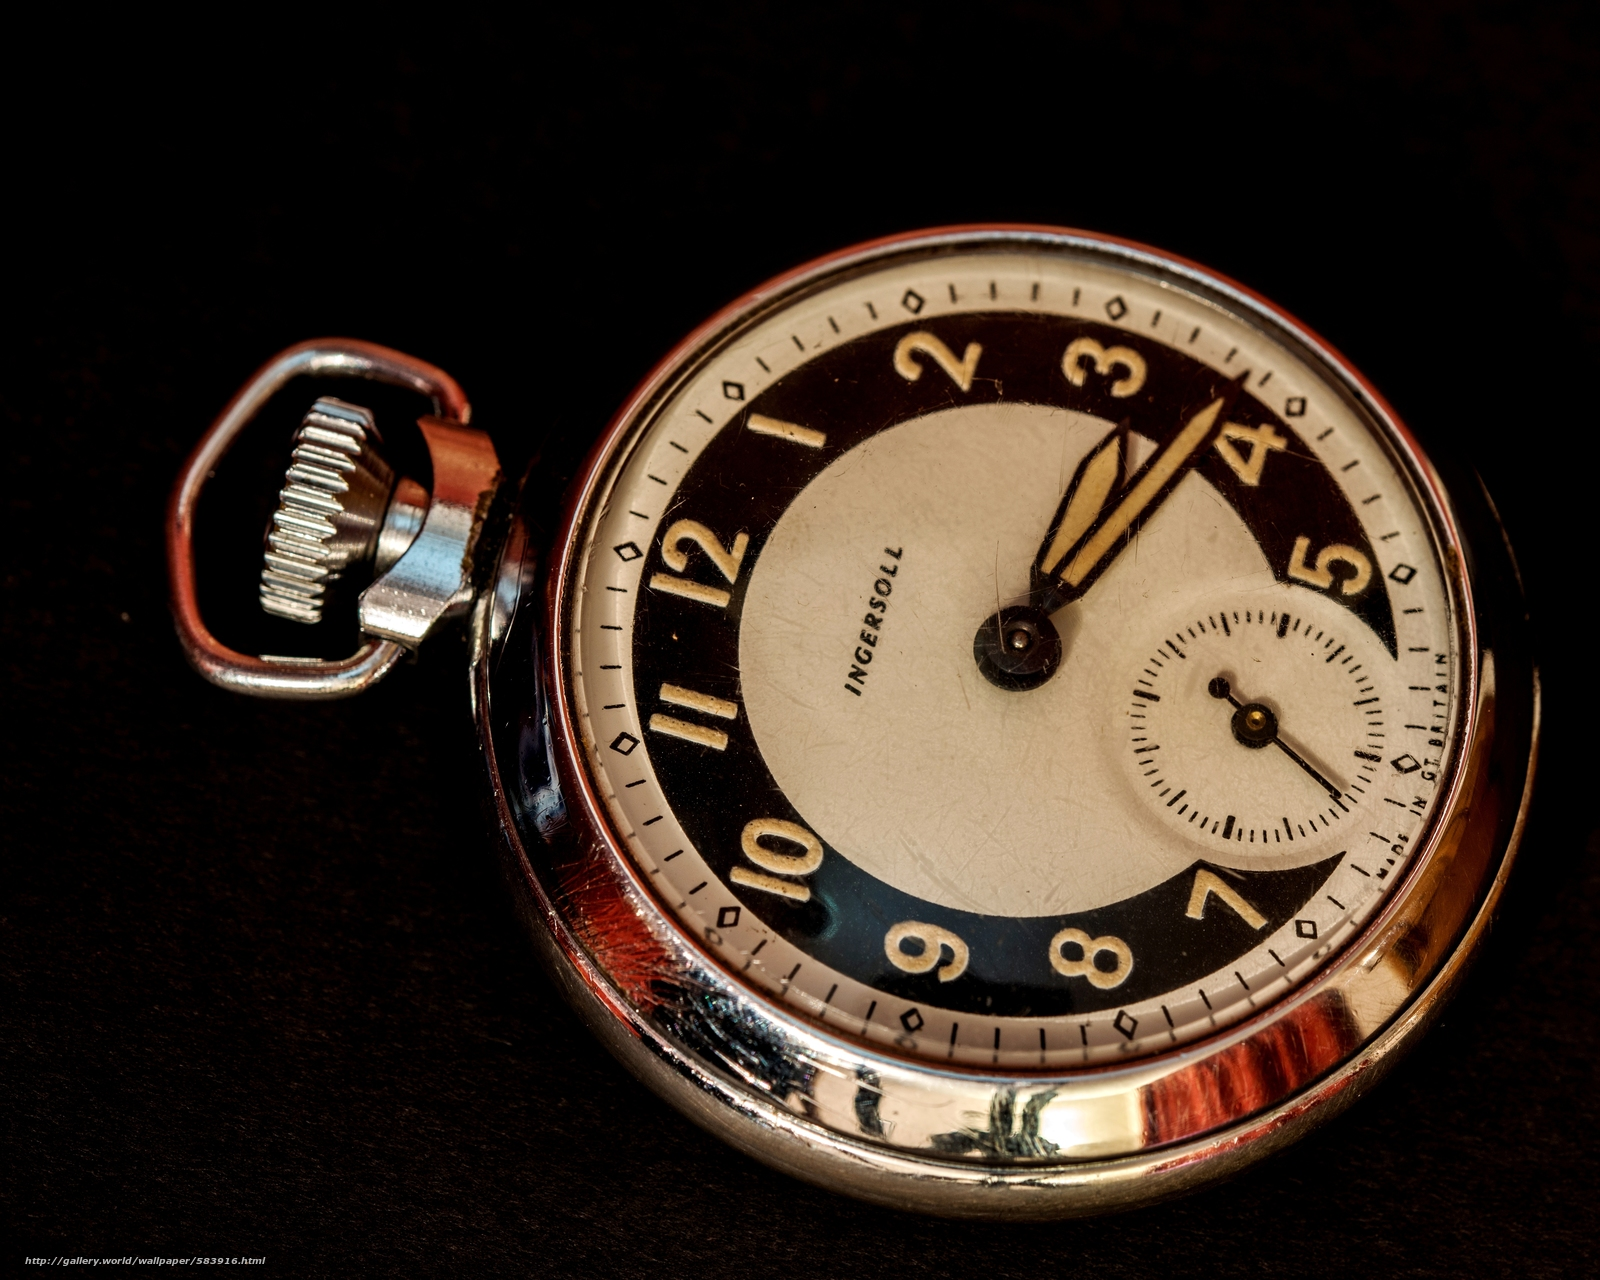 Скачать обои часы,  стрелки,  металл,  циферблат бесплатно для рабочего стола в разрешении 5413x4330 — картинка №583916